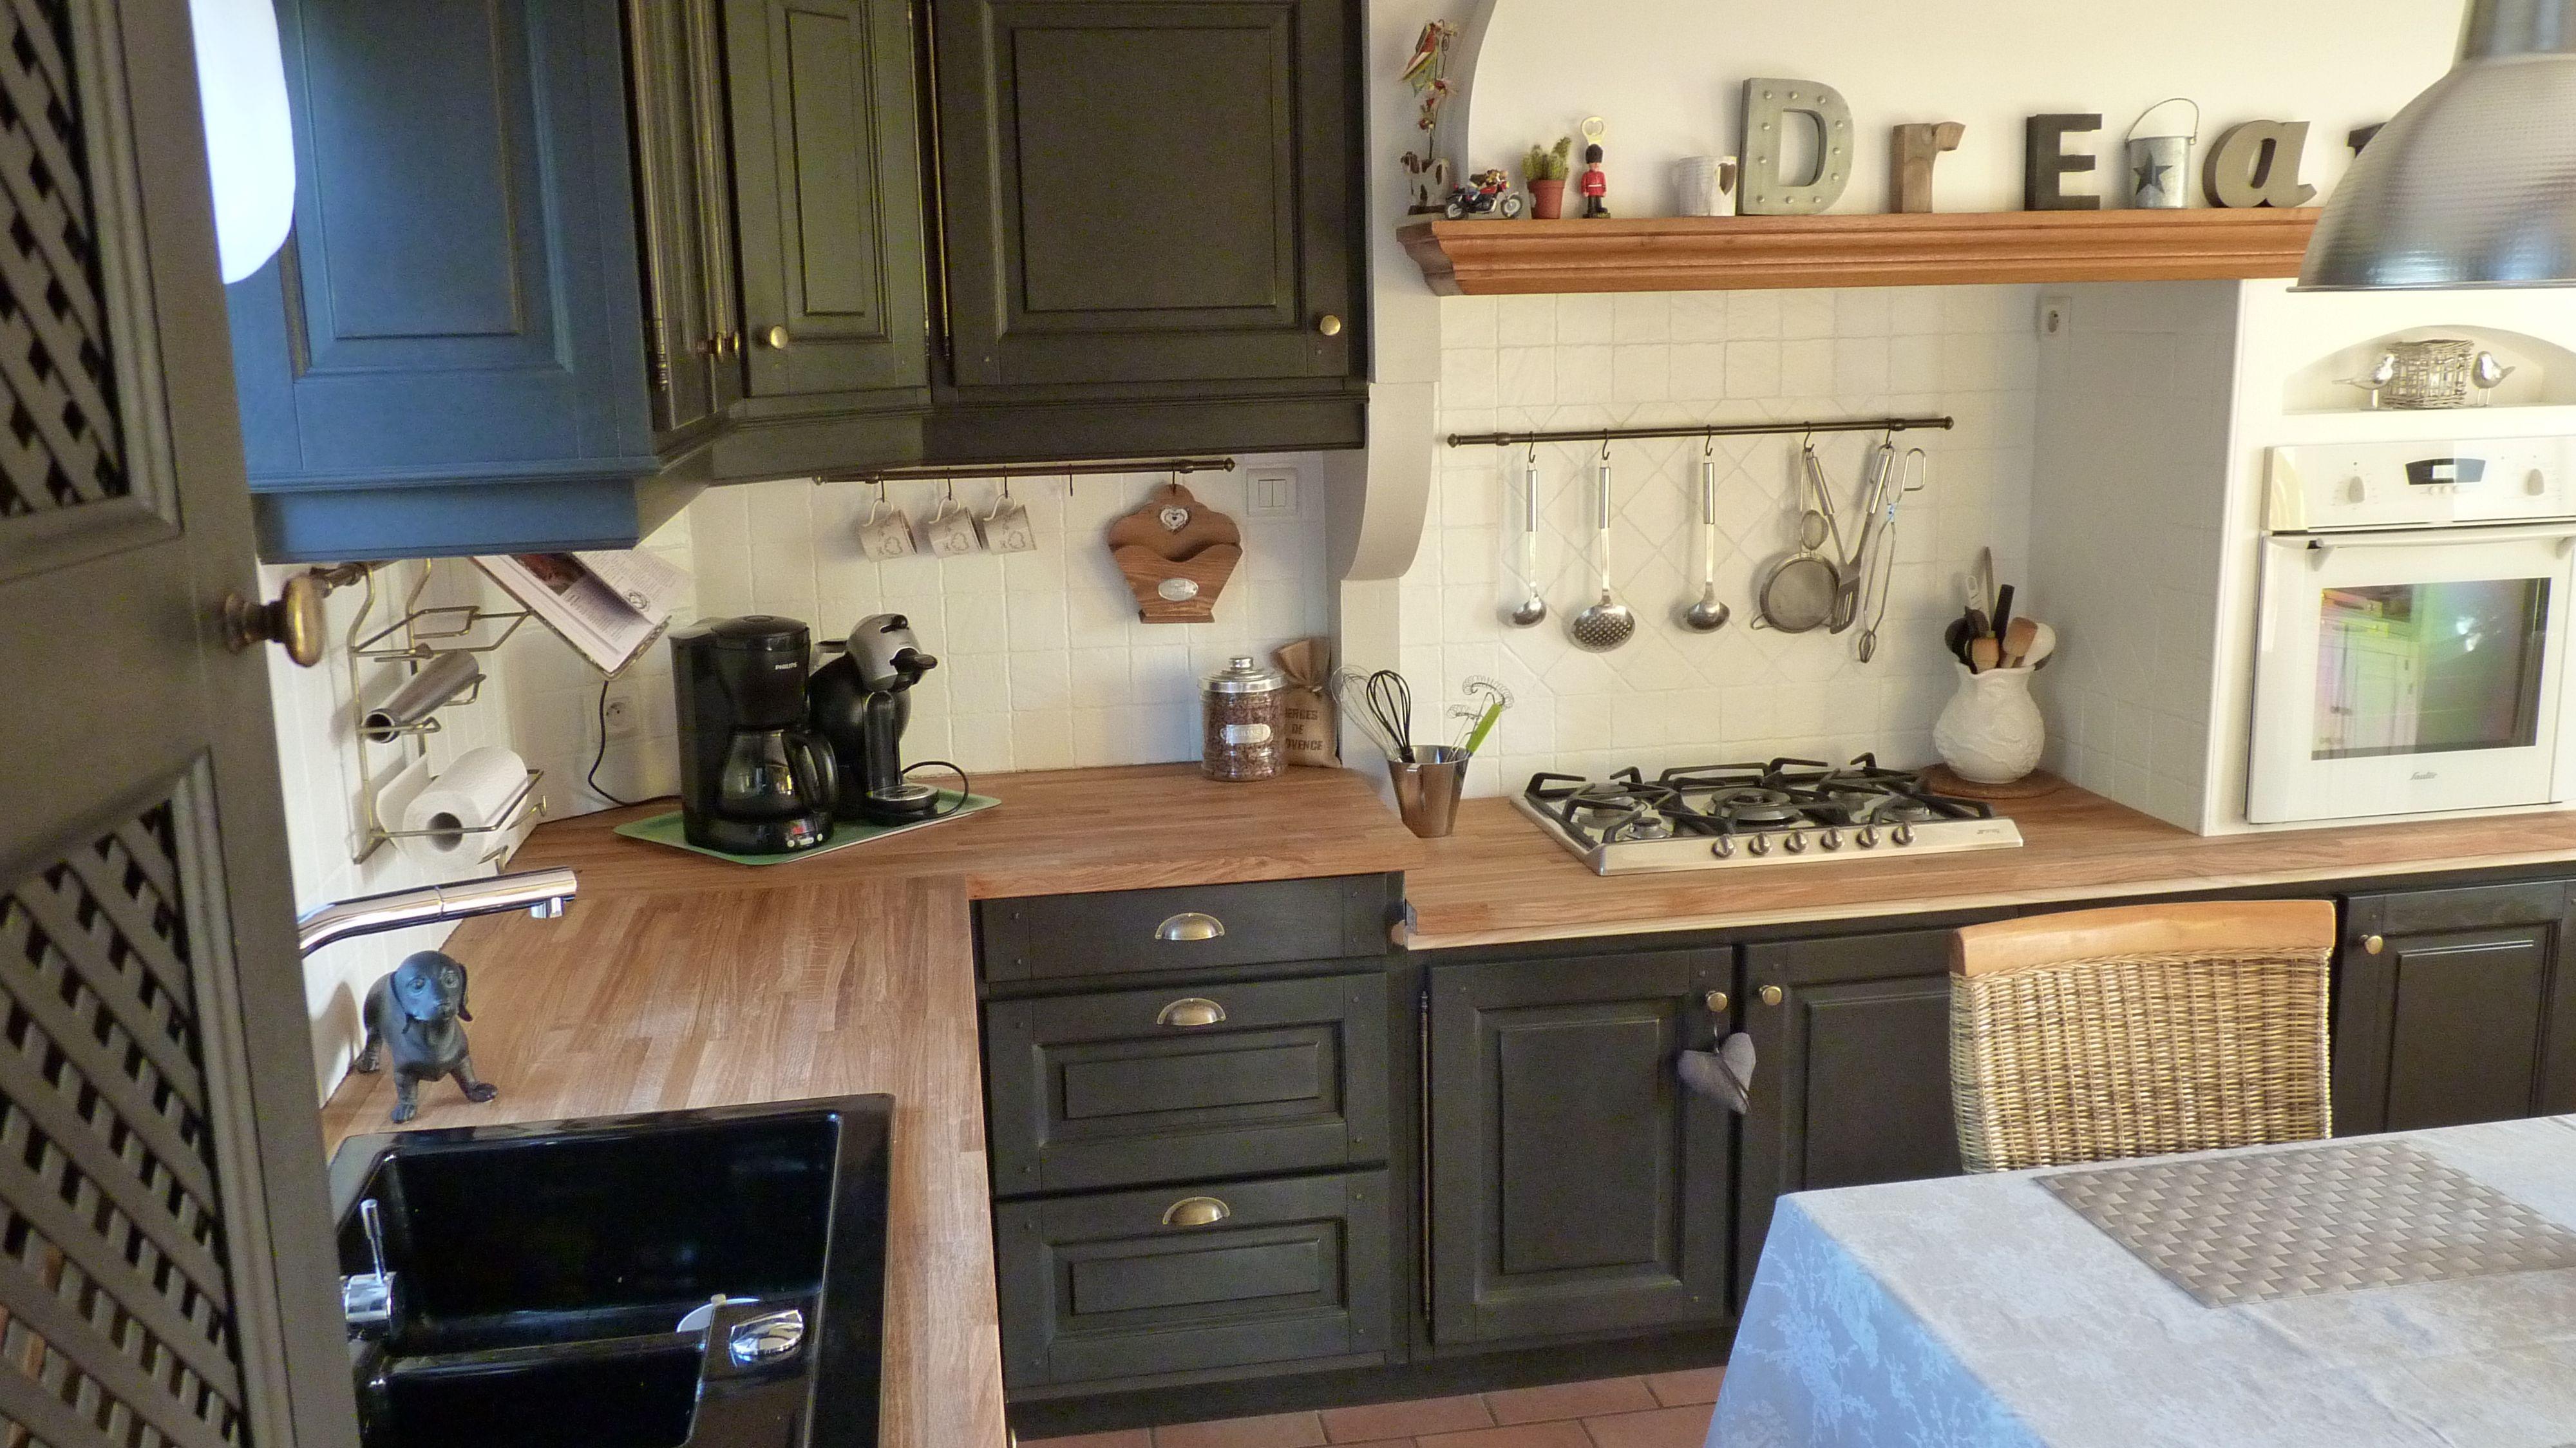 Renover une cuisine rustique en moderne 2017 avec cuisine en bois repeinte gris maison images - Renover la cuisine ...